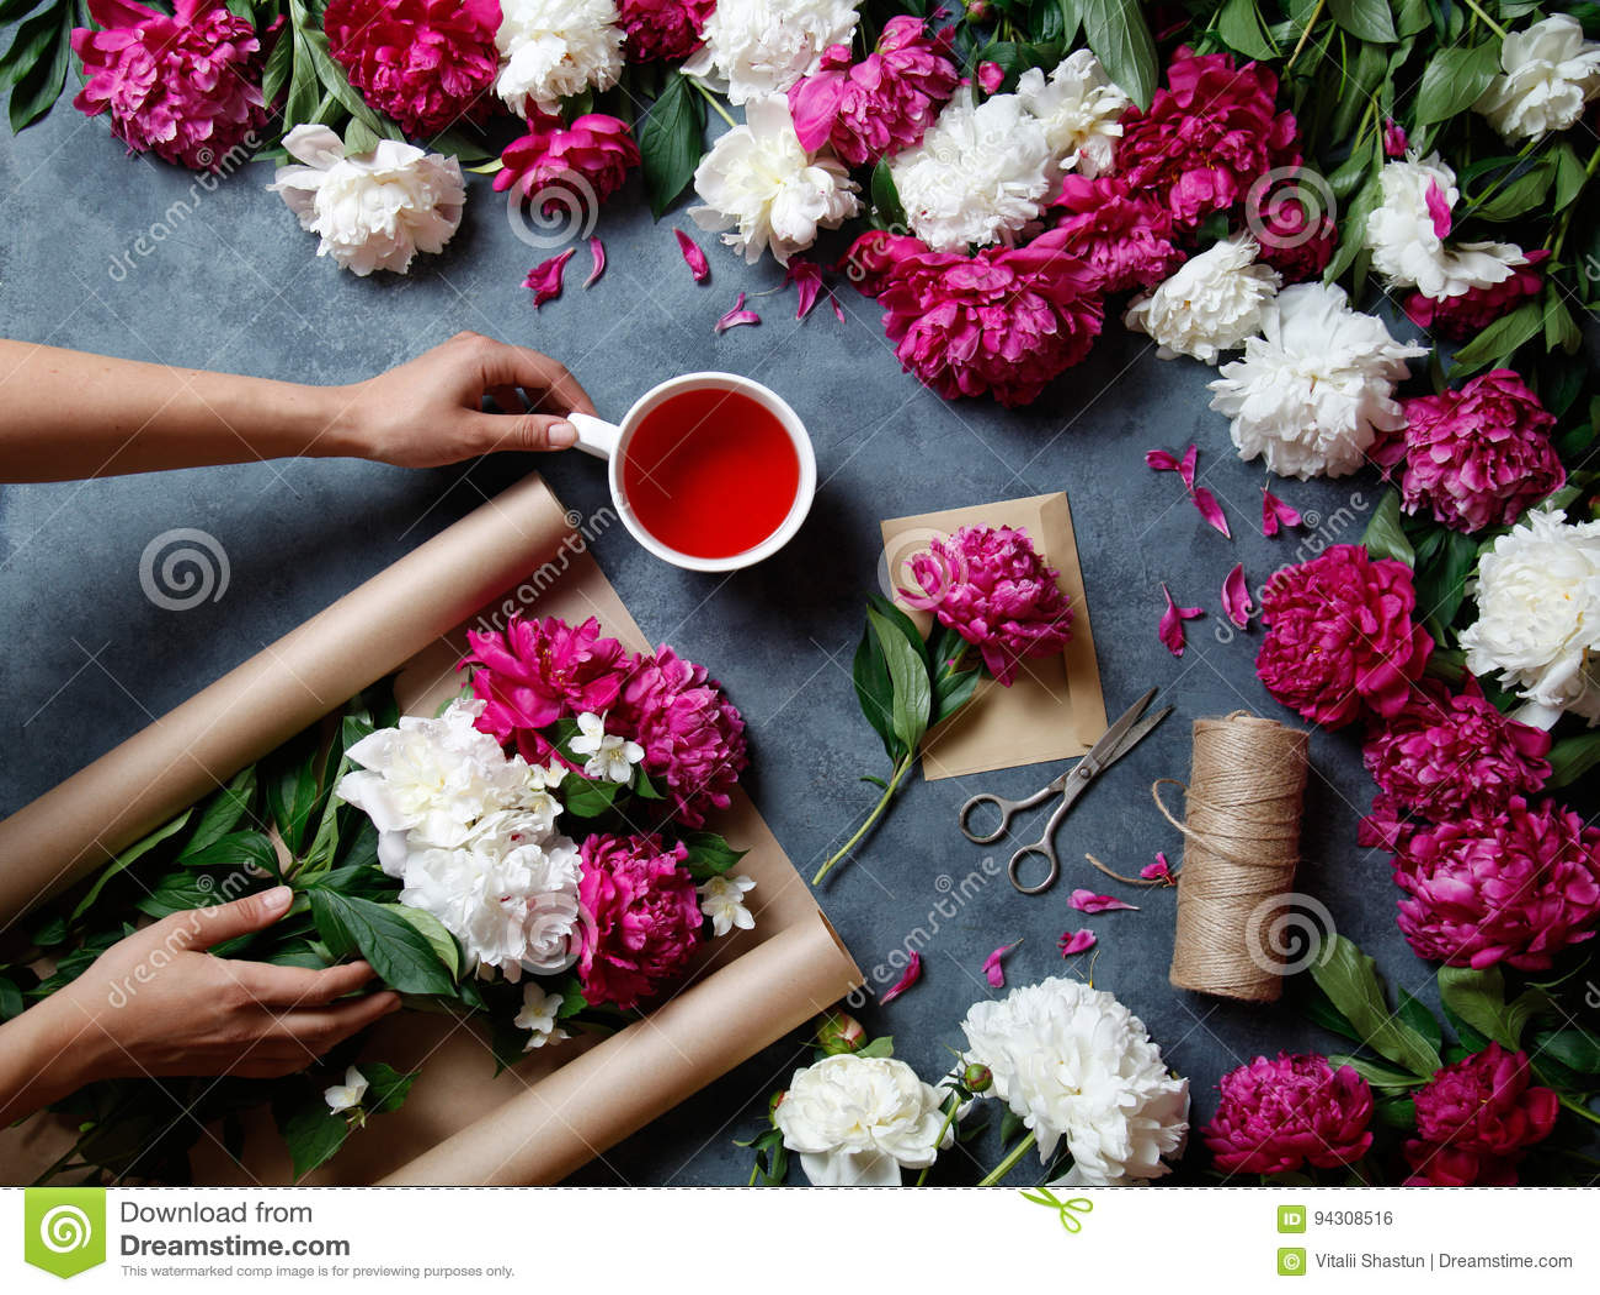 les outils et les fleuristes d 39 accessoires ont besoin pour composer un bouquet hors des pivoines. Black Bedroom Furniture Sets. Home Design Ideas